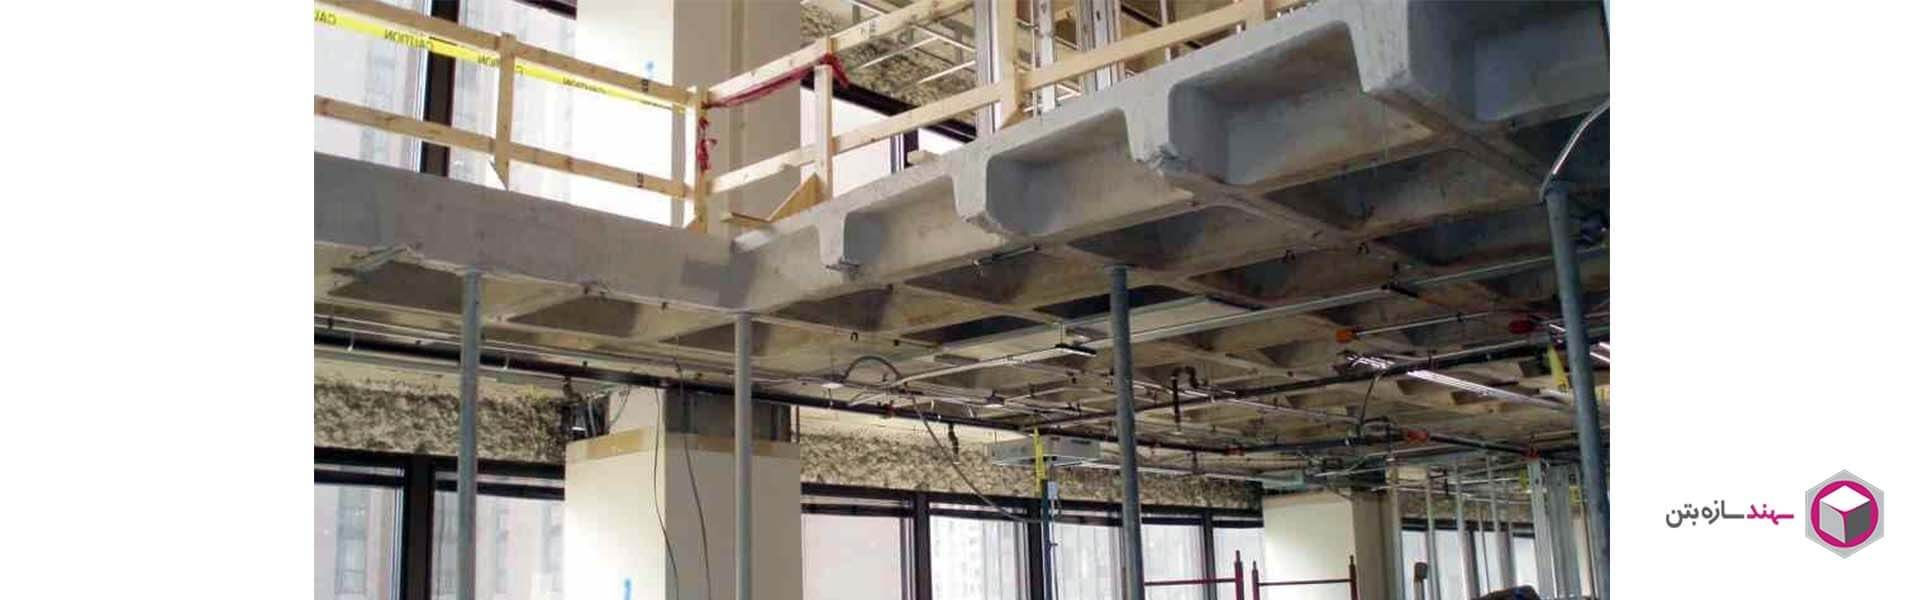 حذف مصالح گران قیمت در سقف وافل سهند سازه بتن